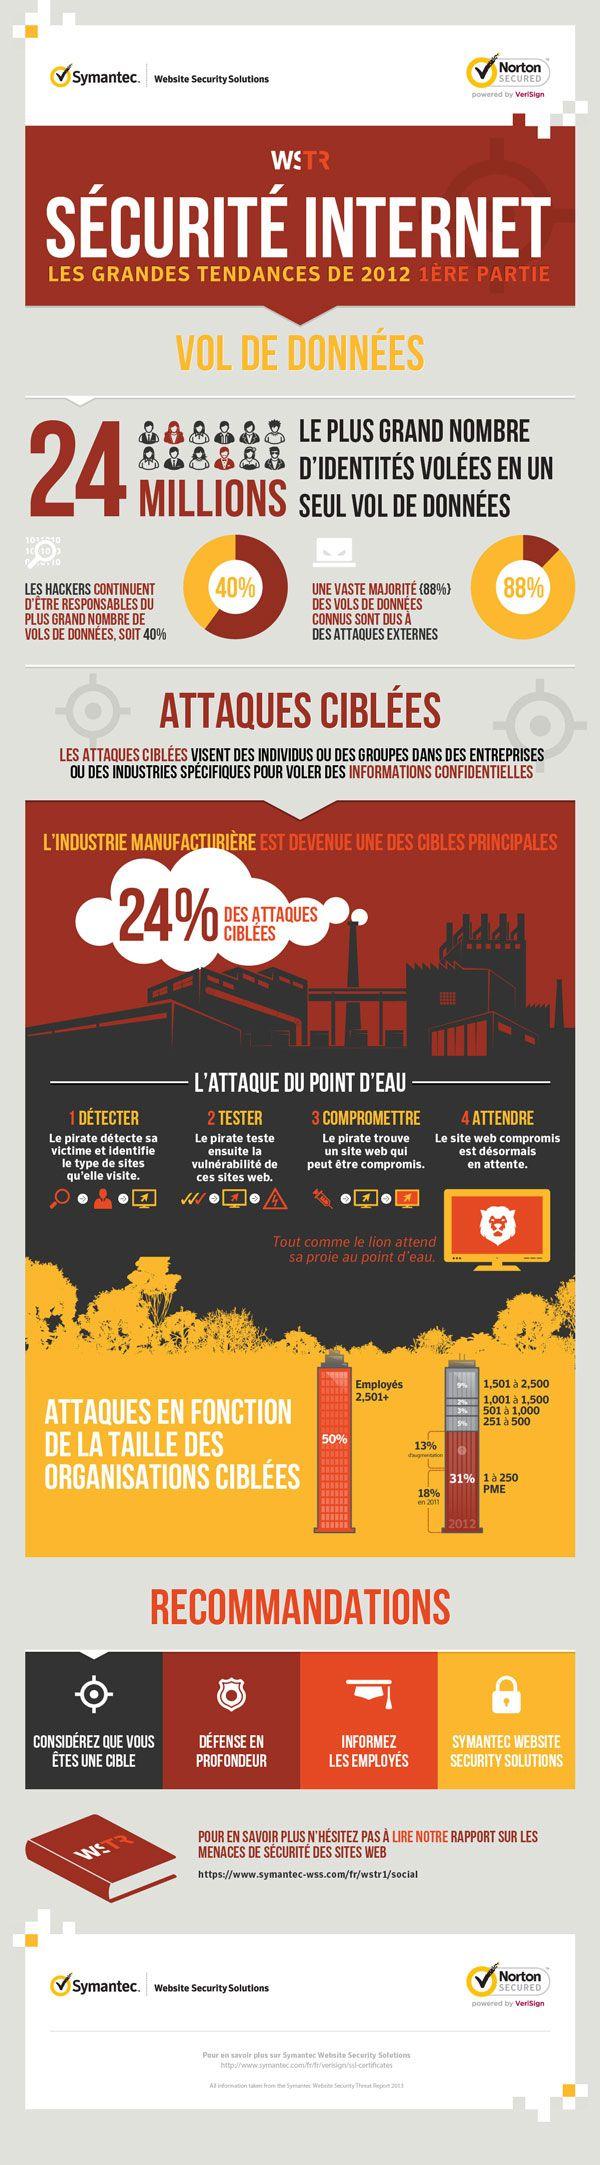 Symantec Infographic Website Security Threat Report sml Symantec : 50 % des attaques visent les grandes entreprises et 30 % de celles ci ciblent les PME [Inforgraphie]